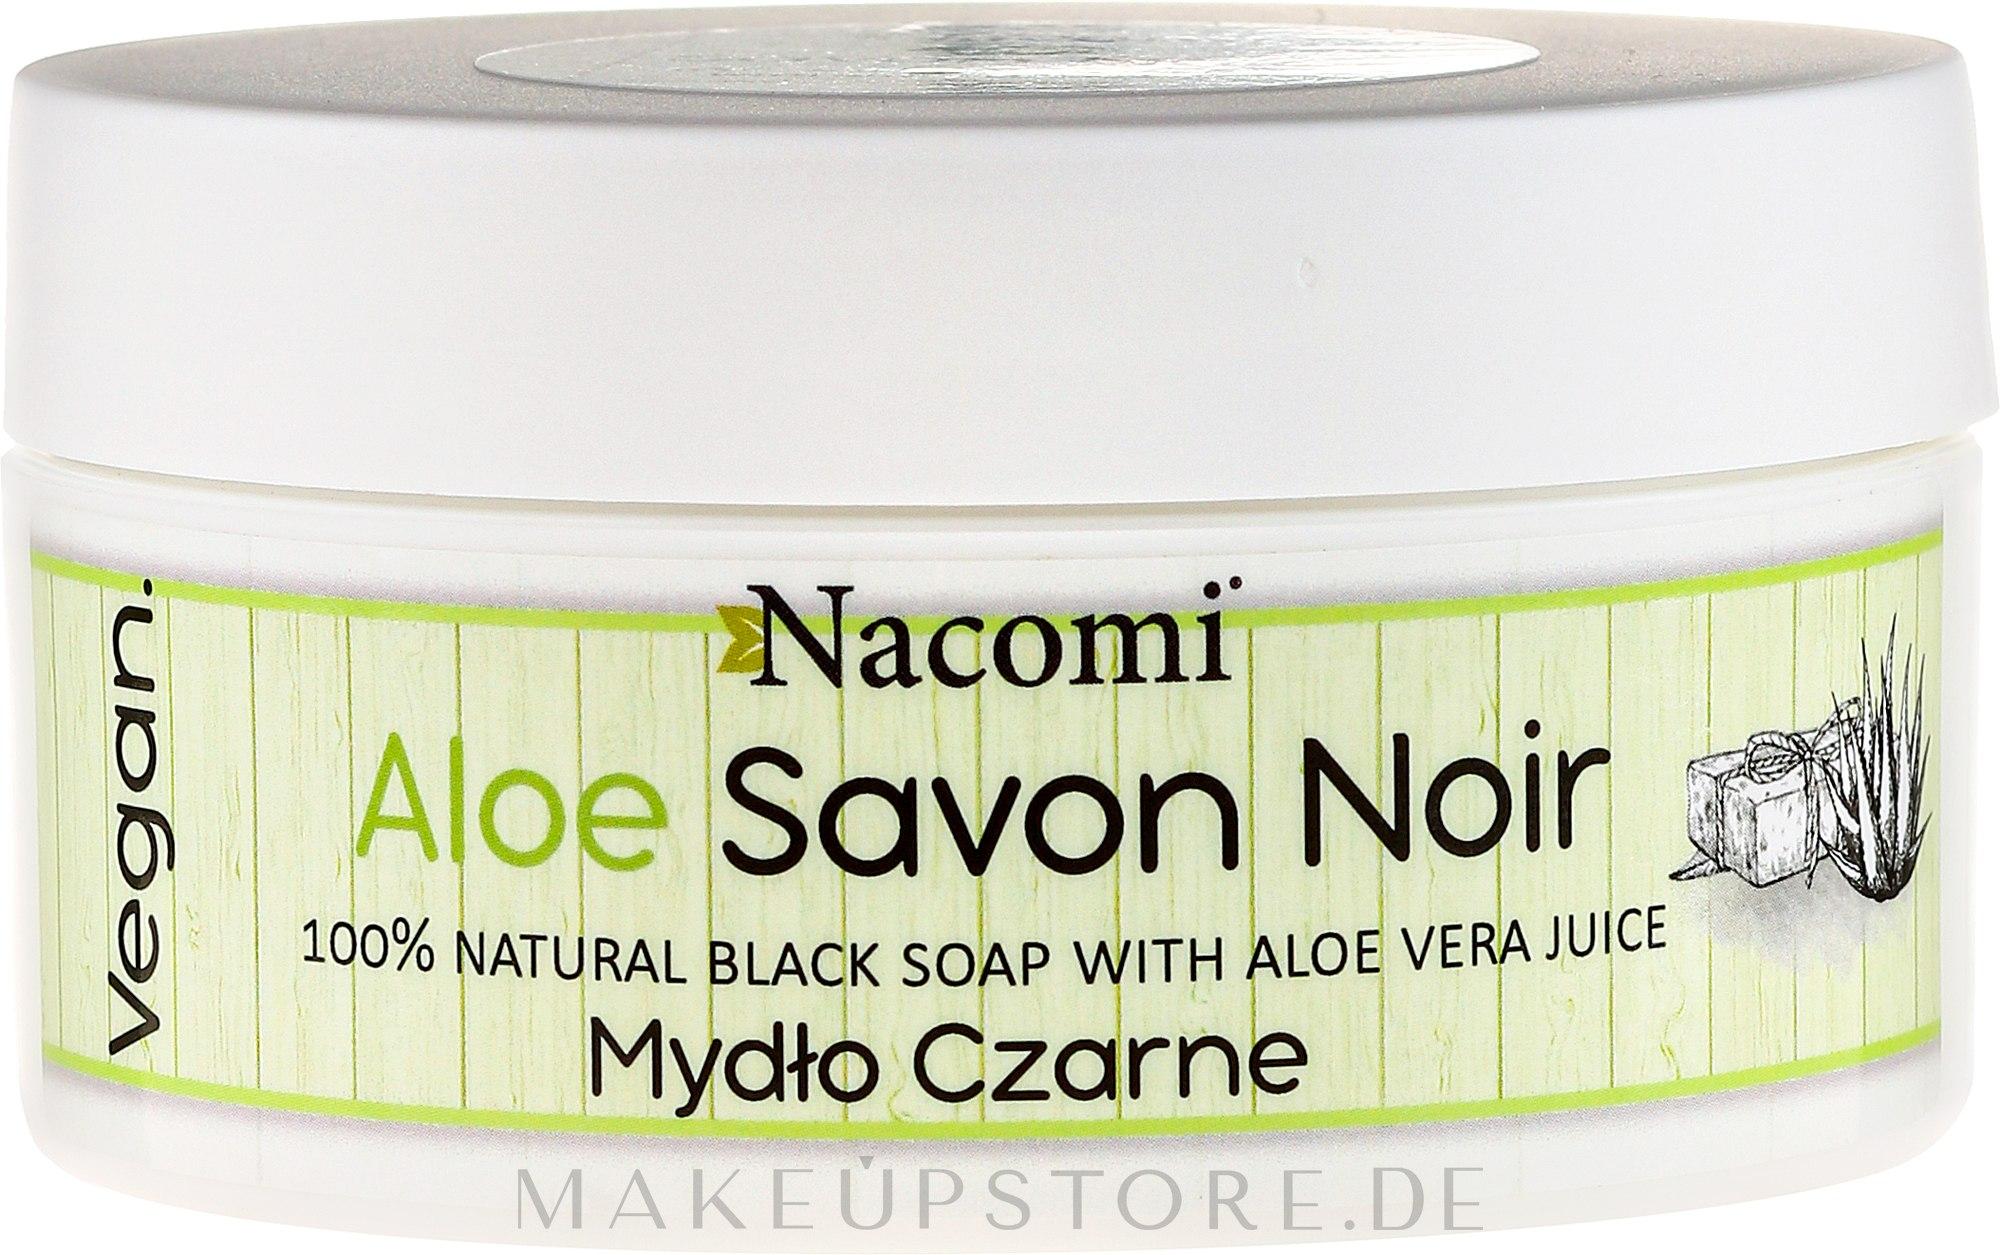 Natürliche schwarze Seife mit Aloe Vera - Nacomi Savon Noir Natural Black Soap with Aloe Vera Juice — Bild 125 g